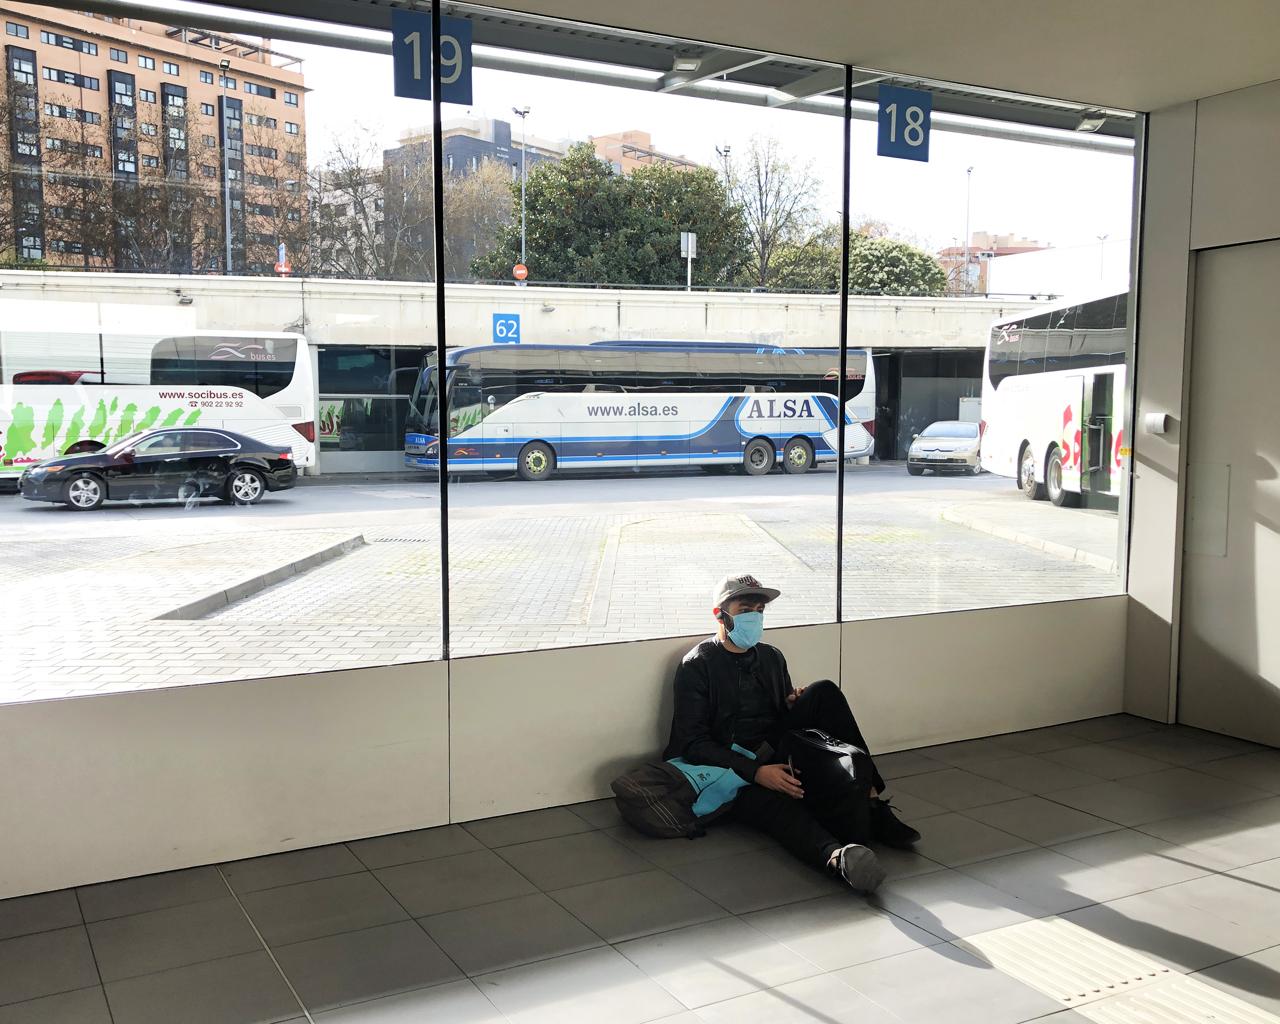 Estudiantes salen de Madrid tras la suspensión de las clases universitarias. Estación Sur de autobuses. Madrid. 11/03/2020.